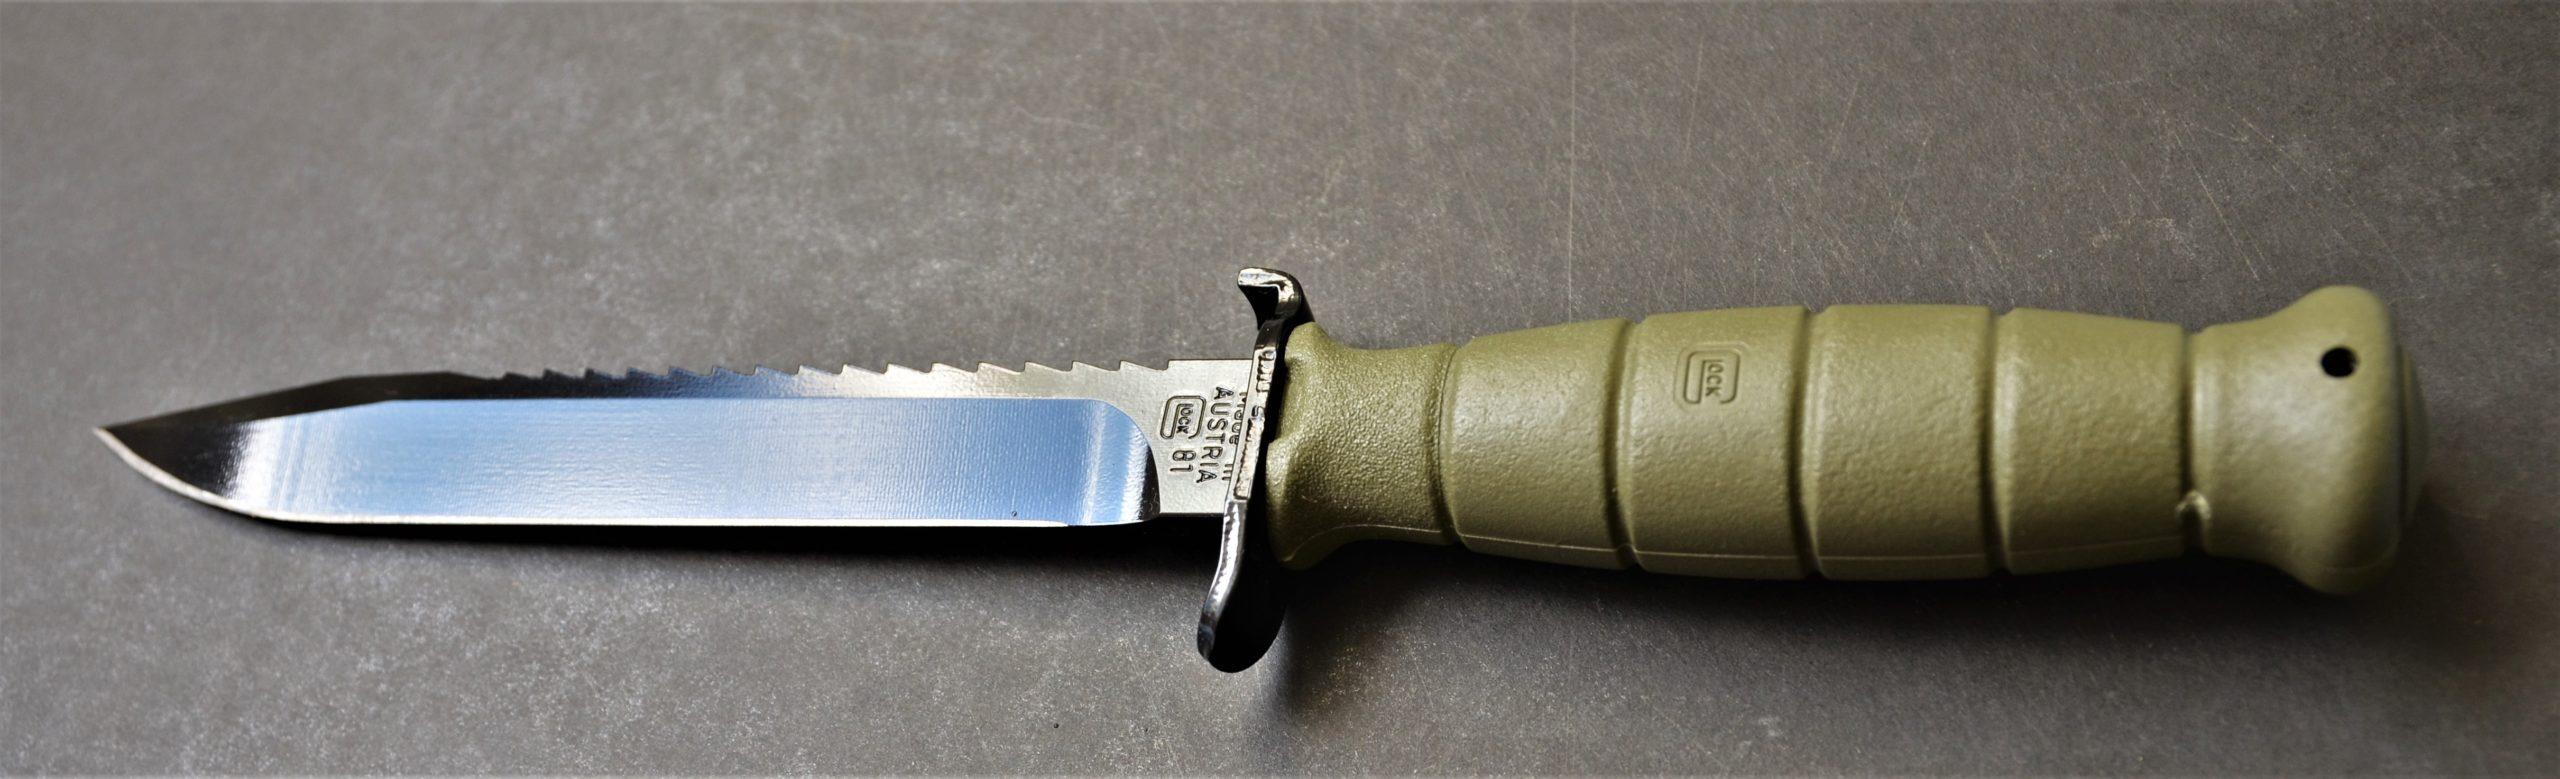 Glock Feldmesser FM 81 oliv - Militärisches Mehrzweckmesser